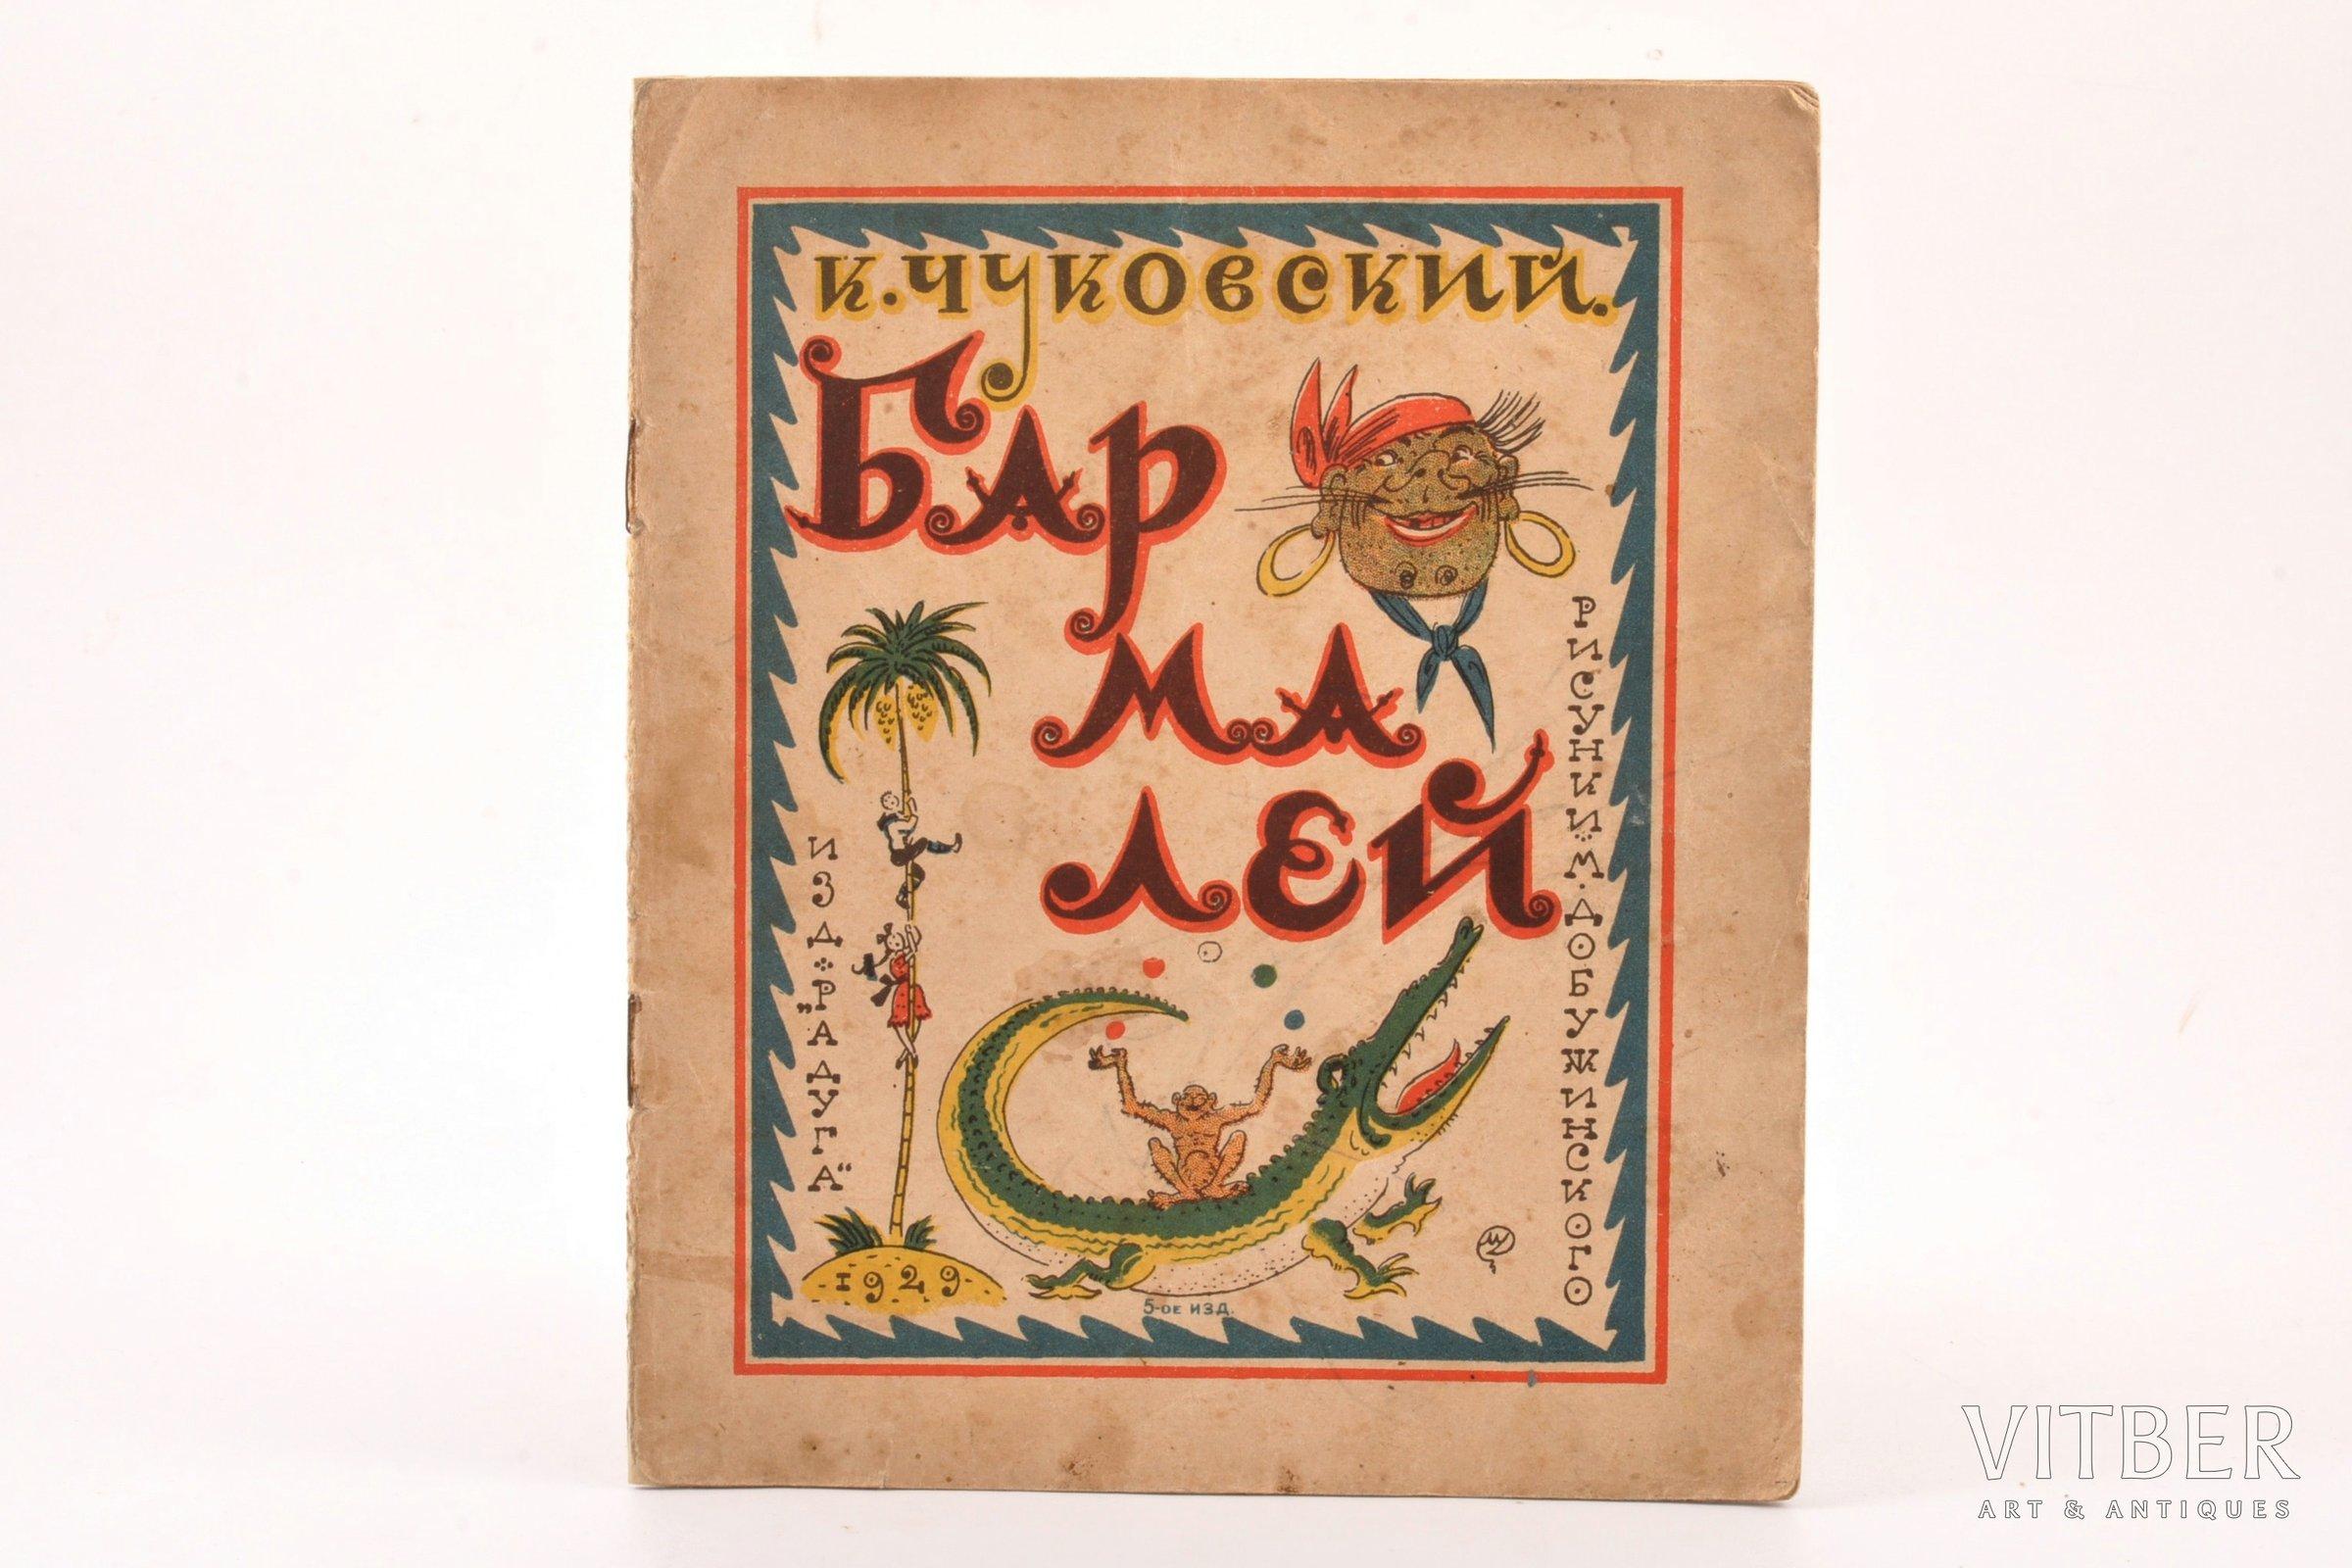 этом счет как добужинский изобразил бармалея картинка кулинарное путешествие